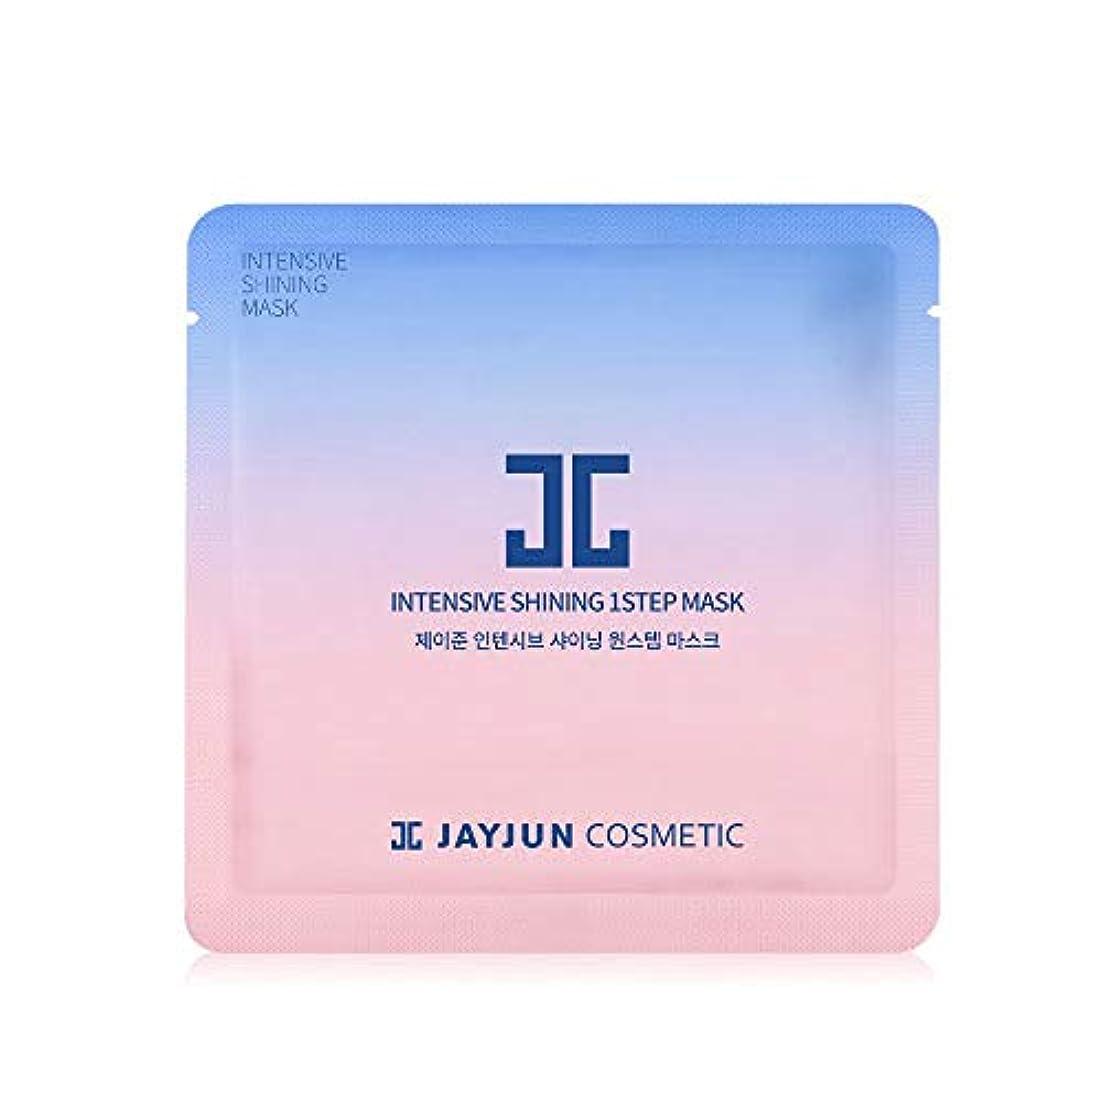 有名な群集手術Jayjun(ジェイジュン) インテンシブシャイニングワンステップマスク10枚セット